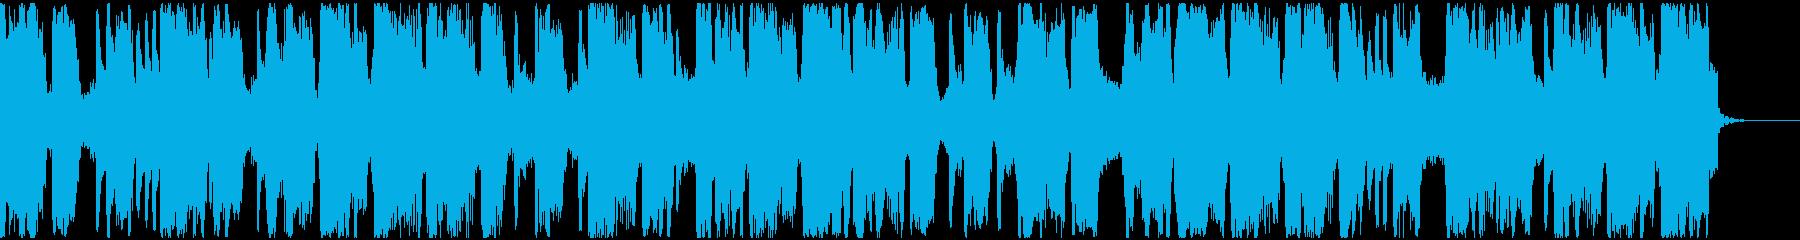 【フューチャーベース】4、ショート4の再生済みの波形